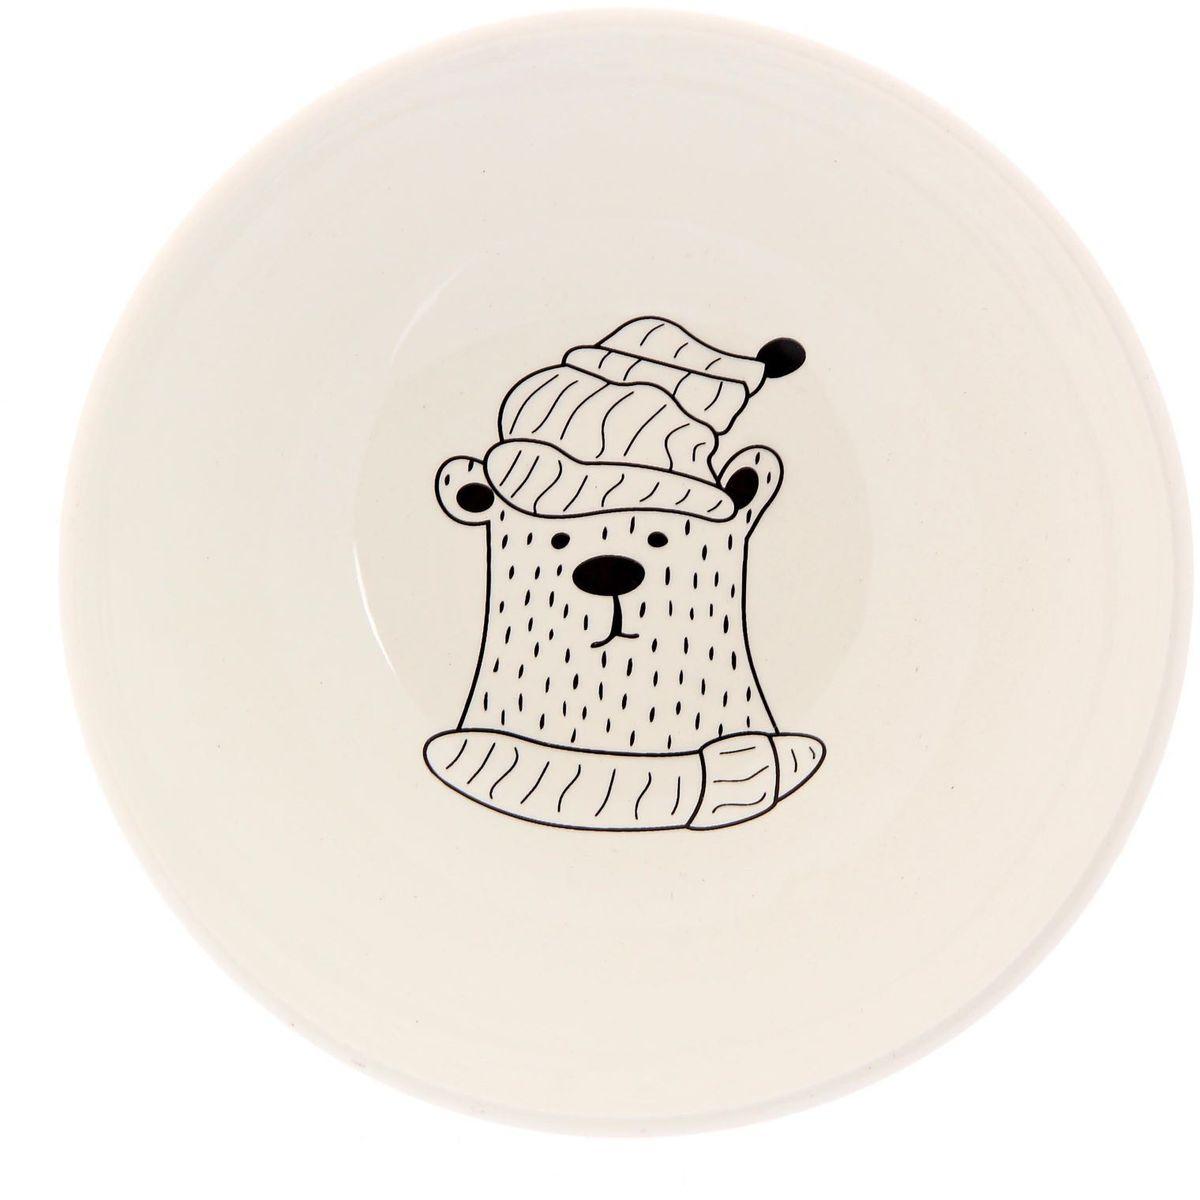 Салатник Сотвори чудо Полярный мишка, диаметр 16,5 см2277848Хотите обновить интерьер кухни или гостиной? Устраиваете необычную фотосессию или тематический праздник? А может, просто ищете подарок для близкого человека? Посуда « Сотвори Чудо» — правильный выбор в любой ситуации. Её достоинства: изящный фаянс нежного сливочного цвета; стойкость краски; пригодность для посудомоечных машин.